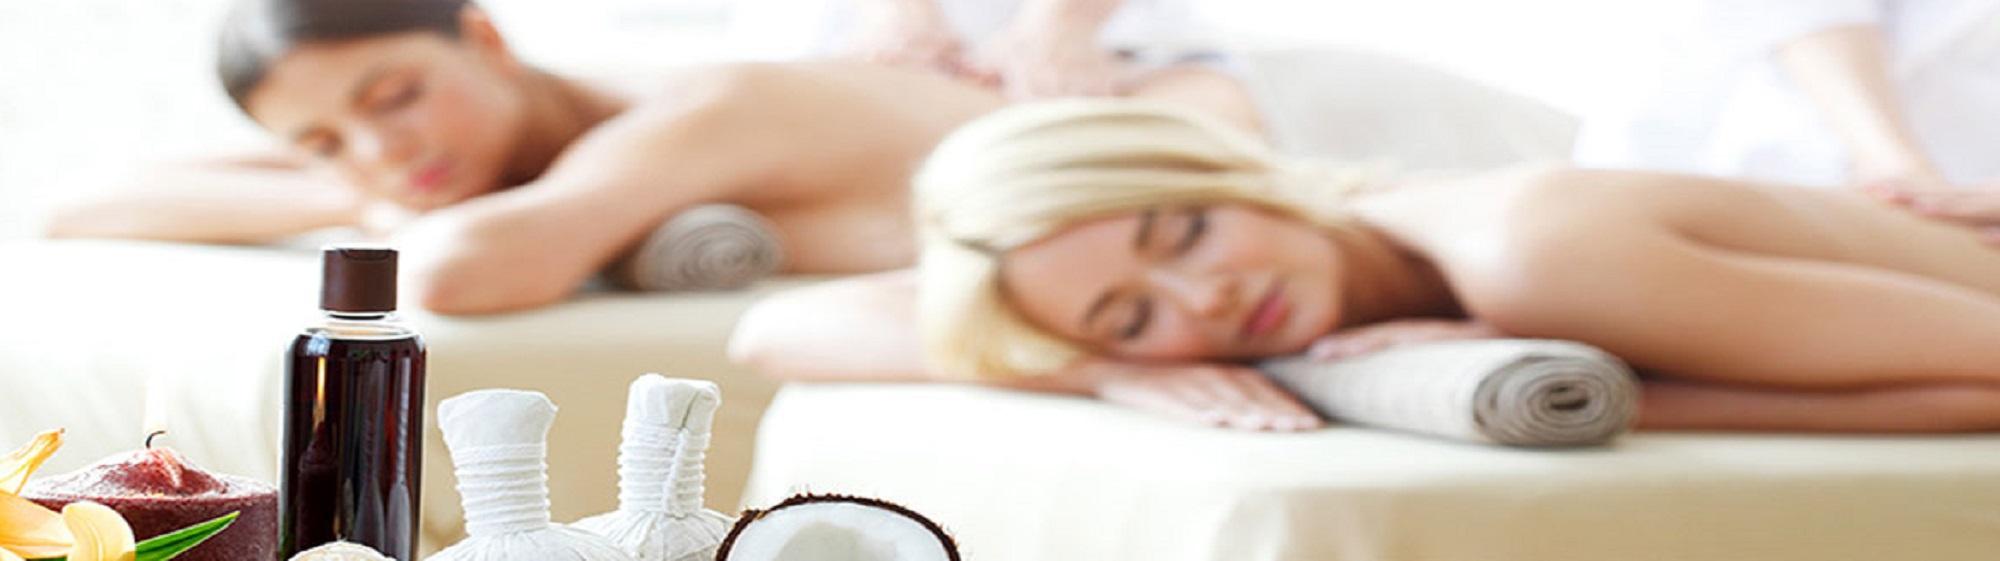 corso massaggio estetico